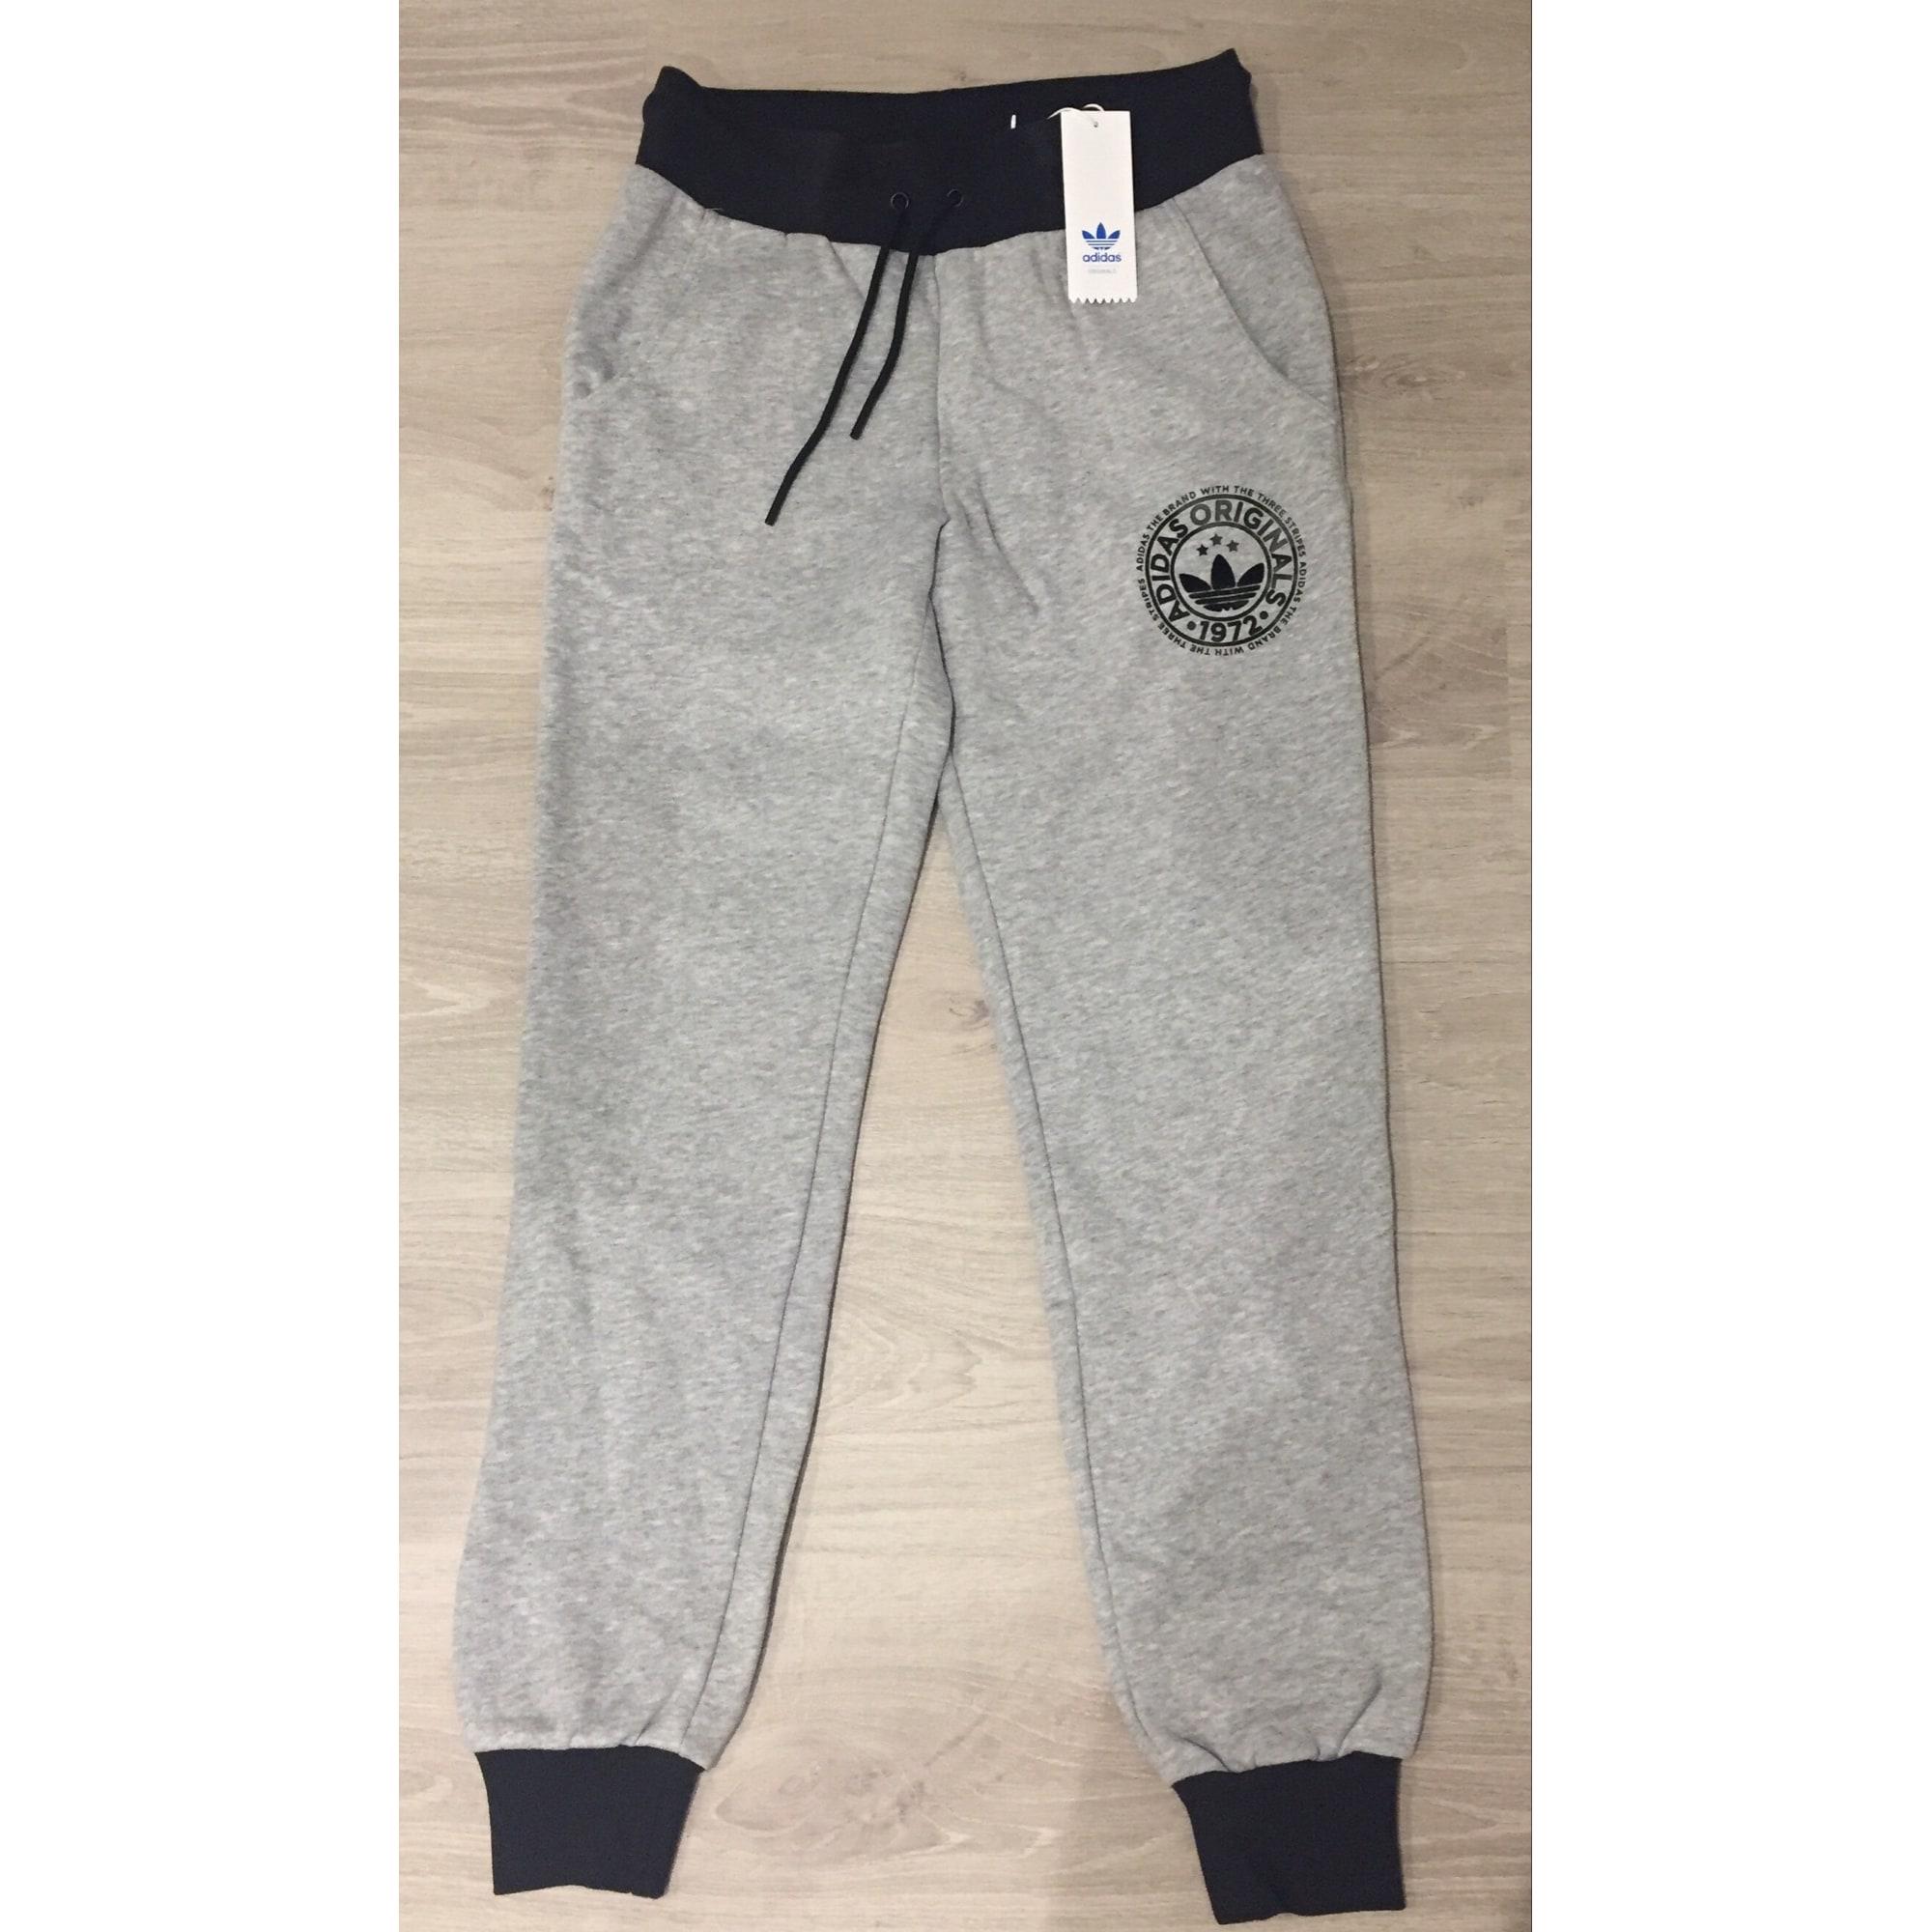 Pantalon de survêtement Adidas P Gris Gris Achat